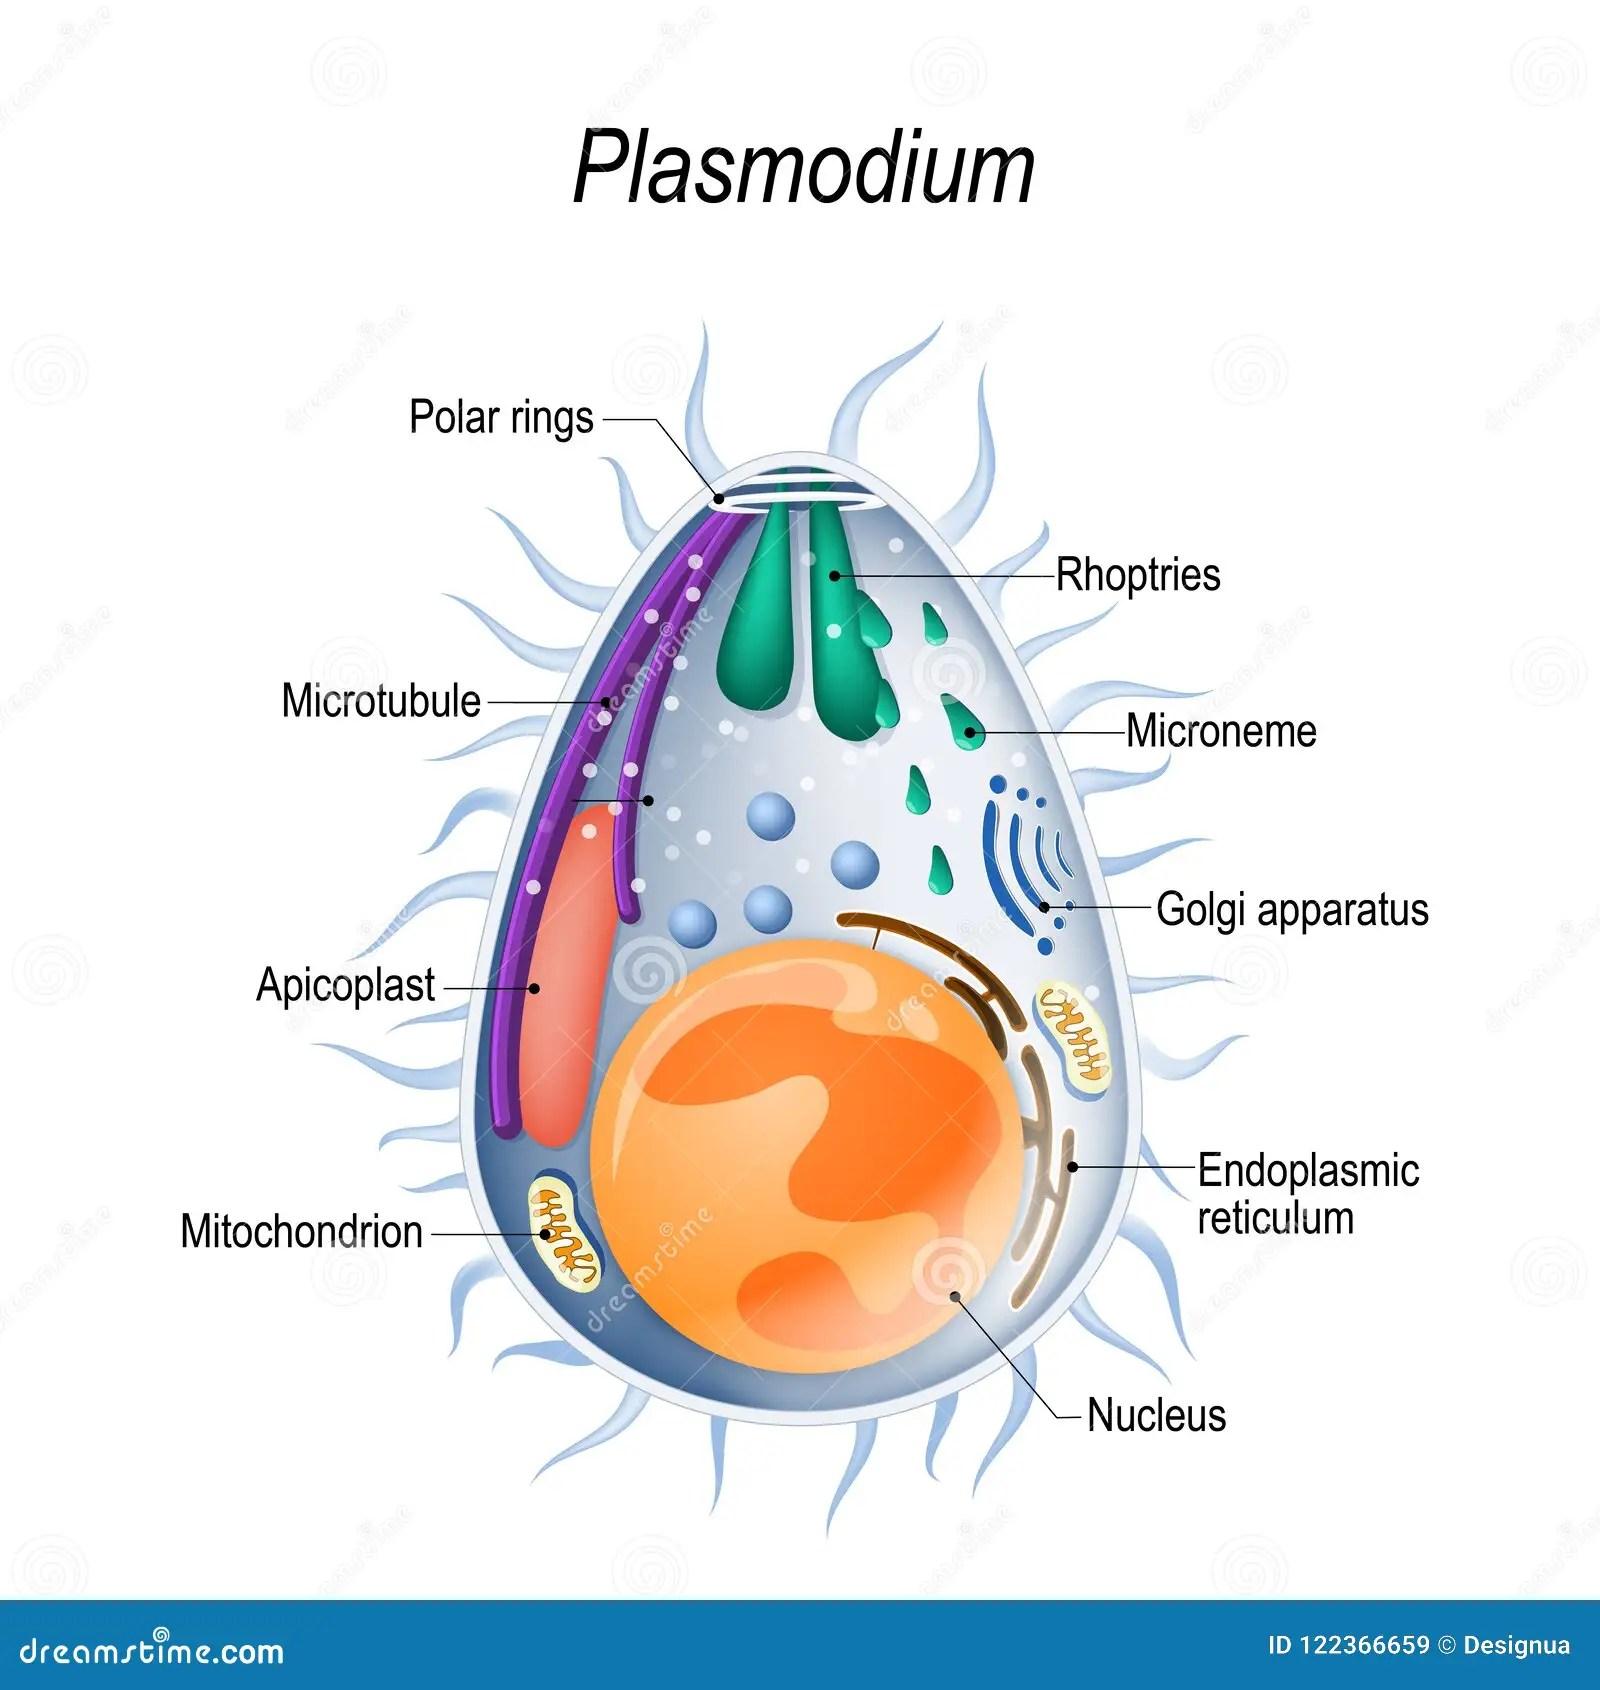 hight resolution of diagram of plasmodium merozoites structure